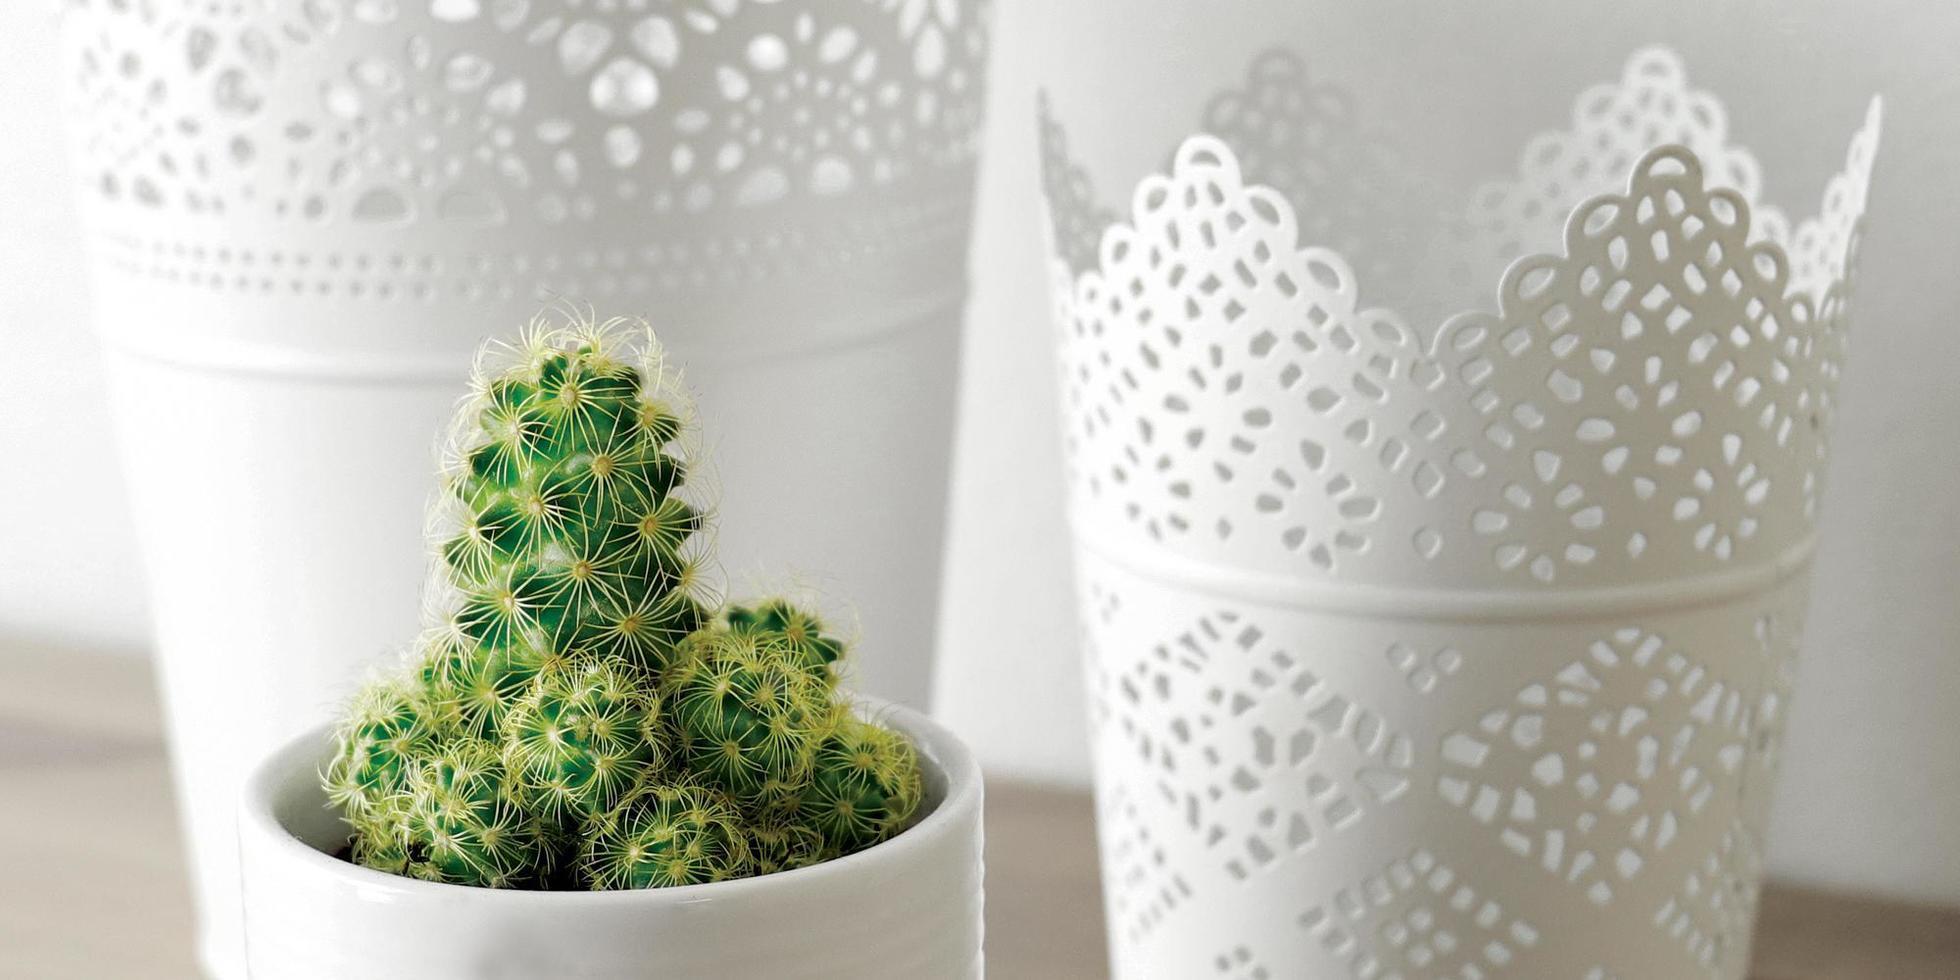 Kaktus in der Nähe von weißen Bings foto